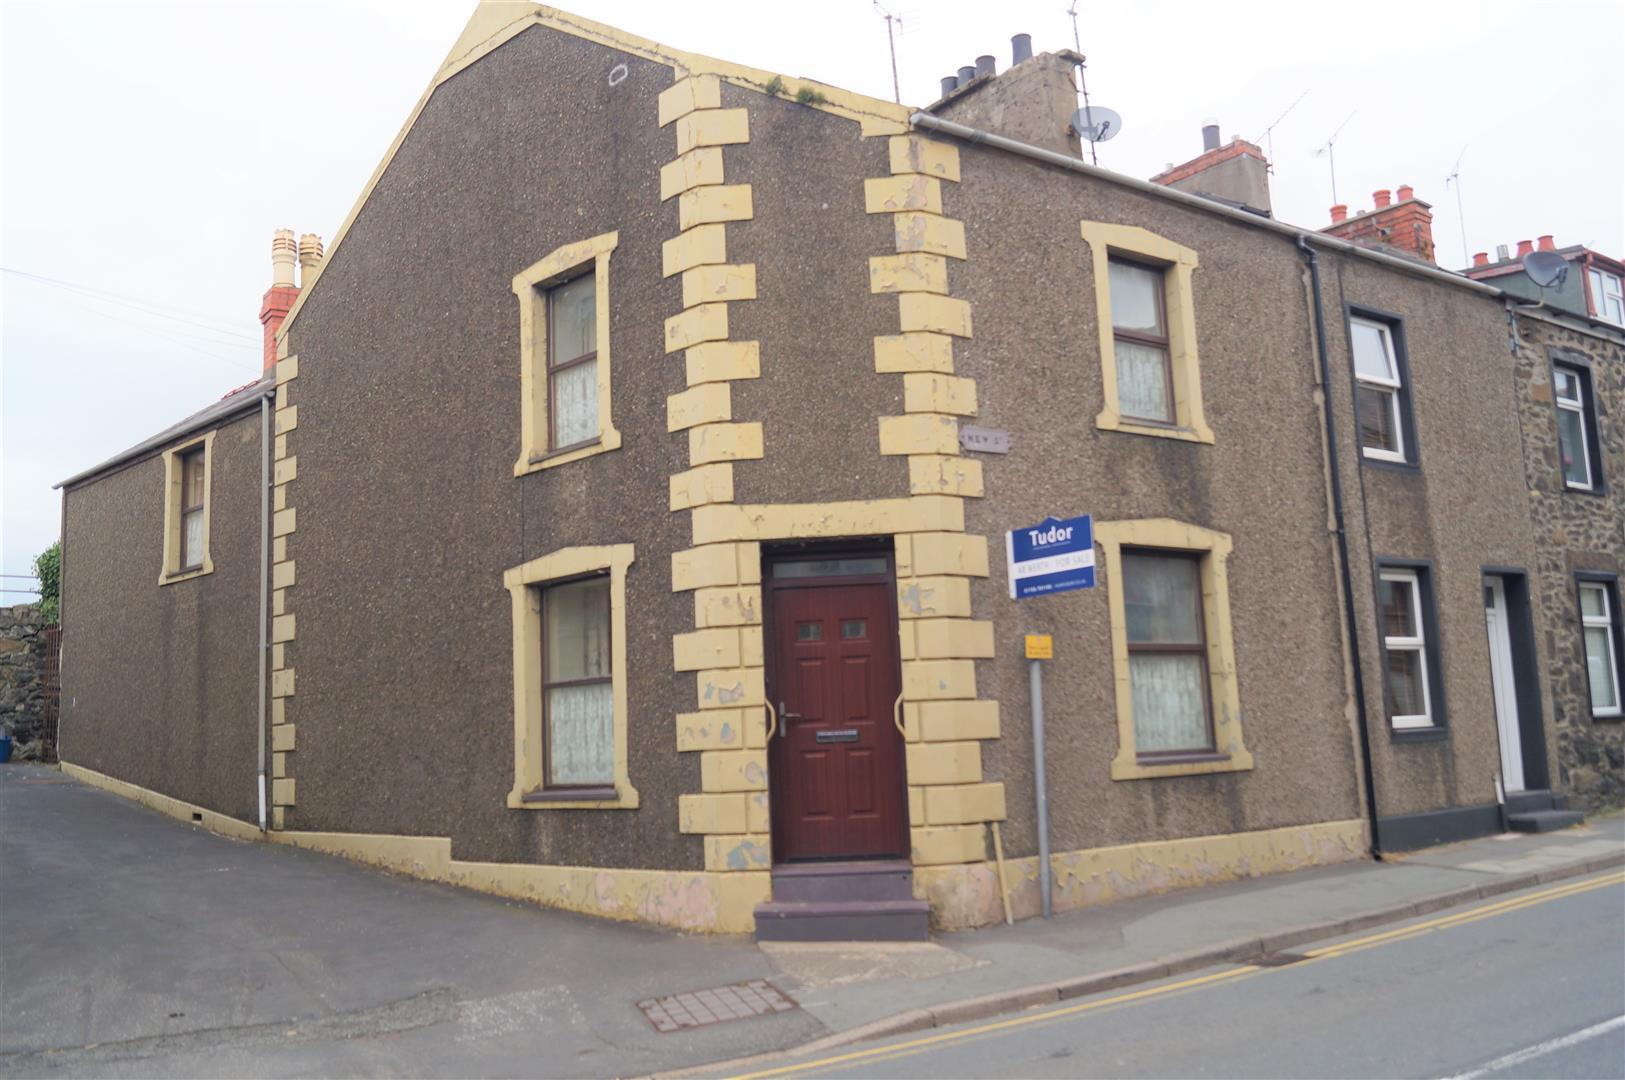 New Street, Pwllheli